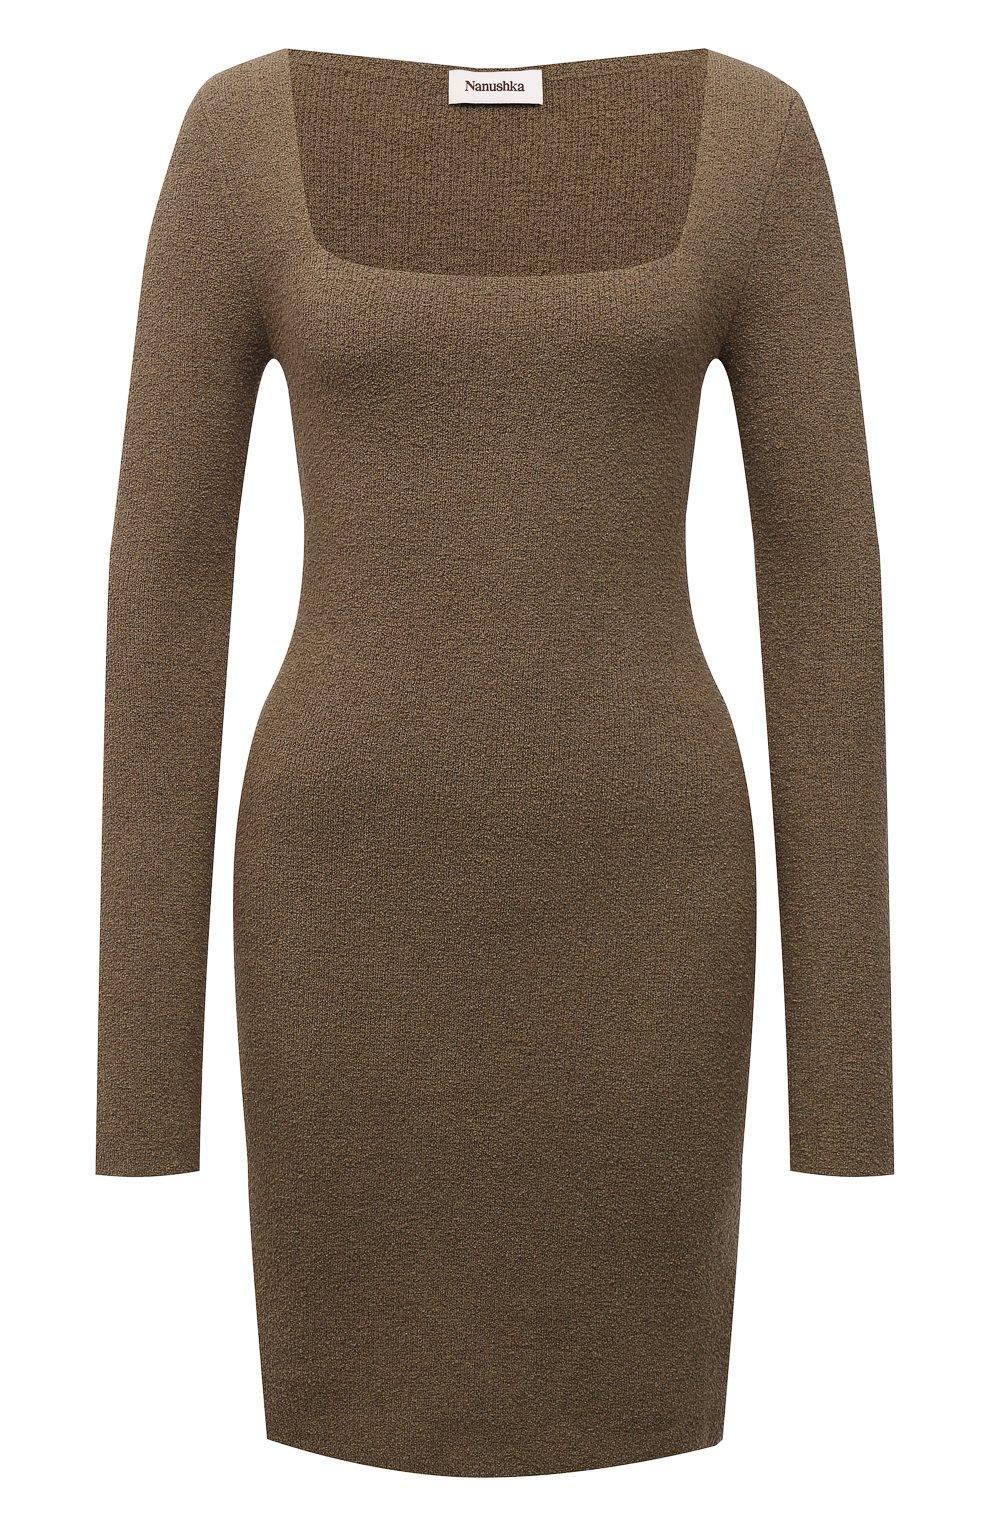 Женское хлопковое платье NANUSHKA хаки цвета, арт. NW21PFDR00762   Фото 1 (Рукава: Длинные; Стили: Гламурный; Длина Ж (юбки, платья, шорты): Мини; Случай: Повседневный; Женское Кросс-КТ: платье-футляр, Платье-одежда; Кросс-КТ: Трикотаж; Материал внешний: Хлопок)